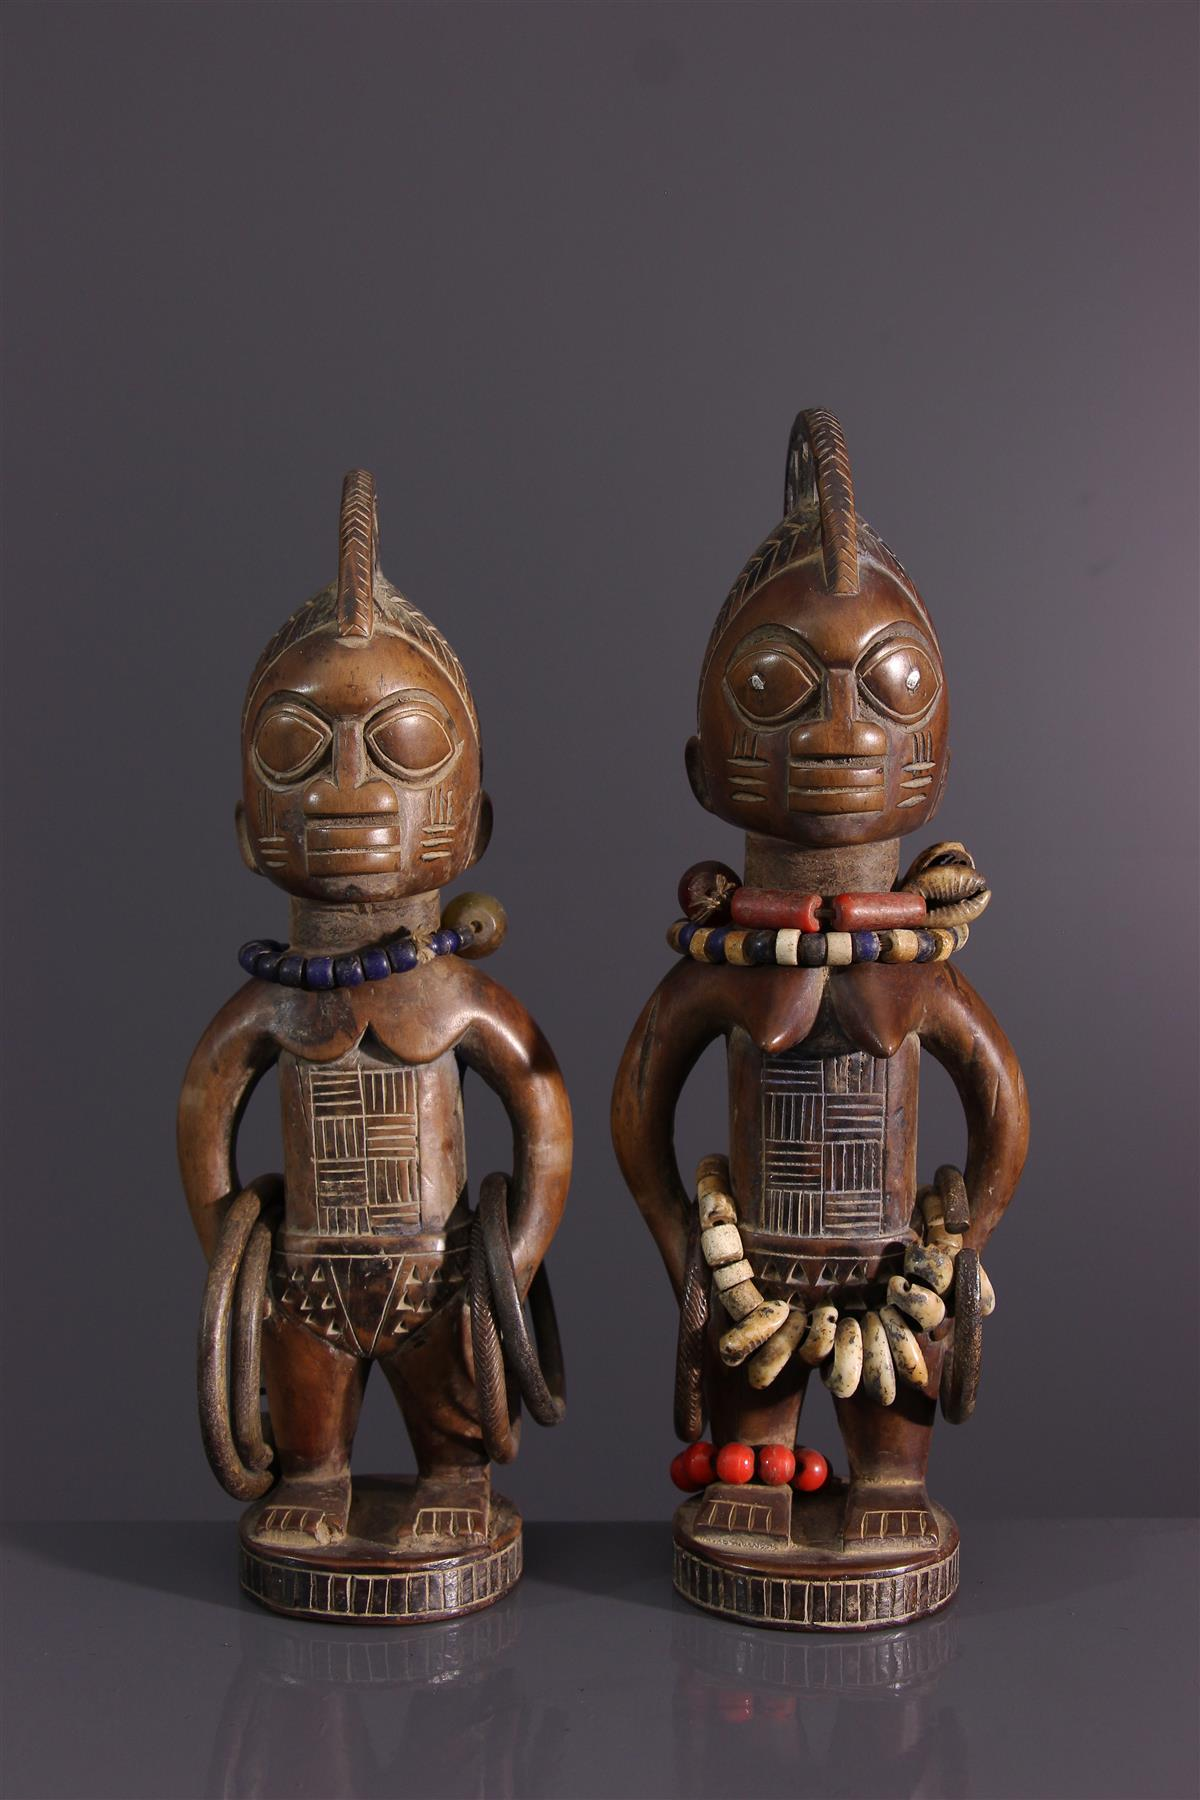 Ibeji poppen - Afrikaanse kunst